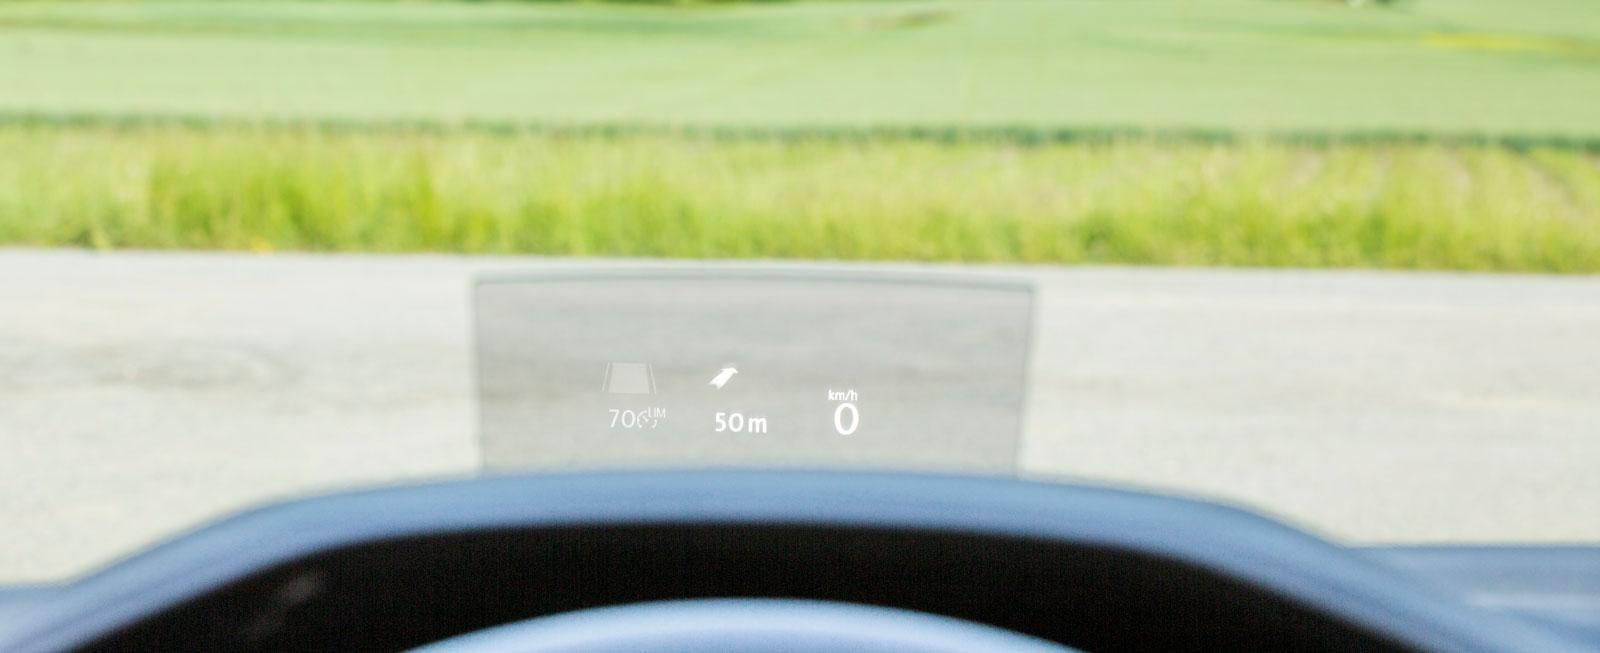 Via en glasskiva med justerbar vinkel kan man få bland annat navigationsanvisningar projicerade framför nosen (à 5300 kr).